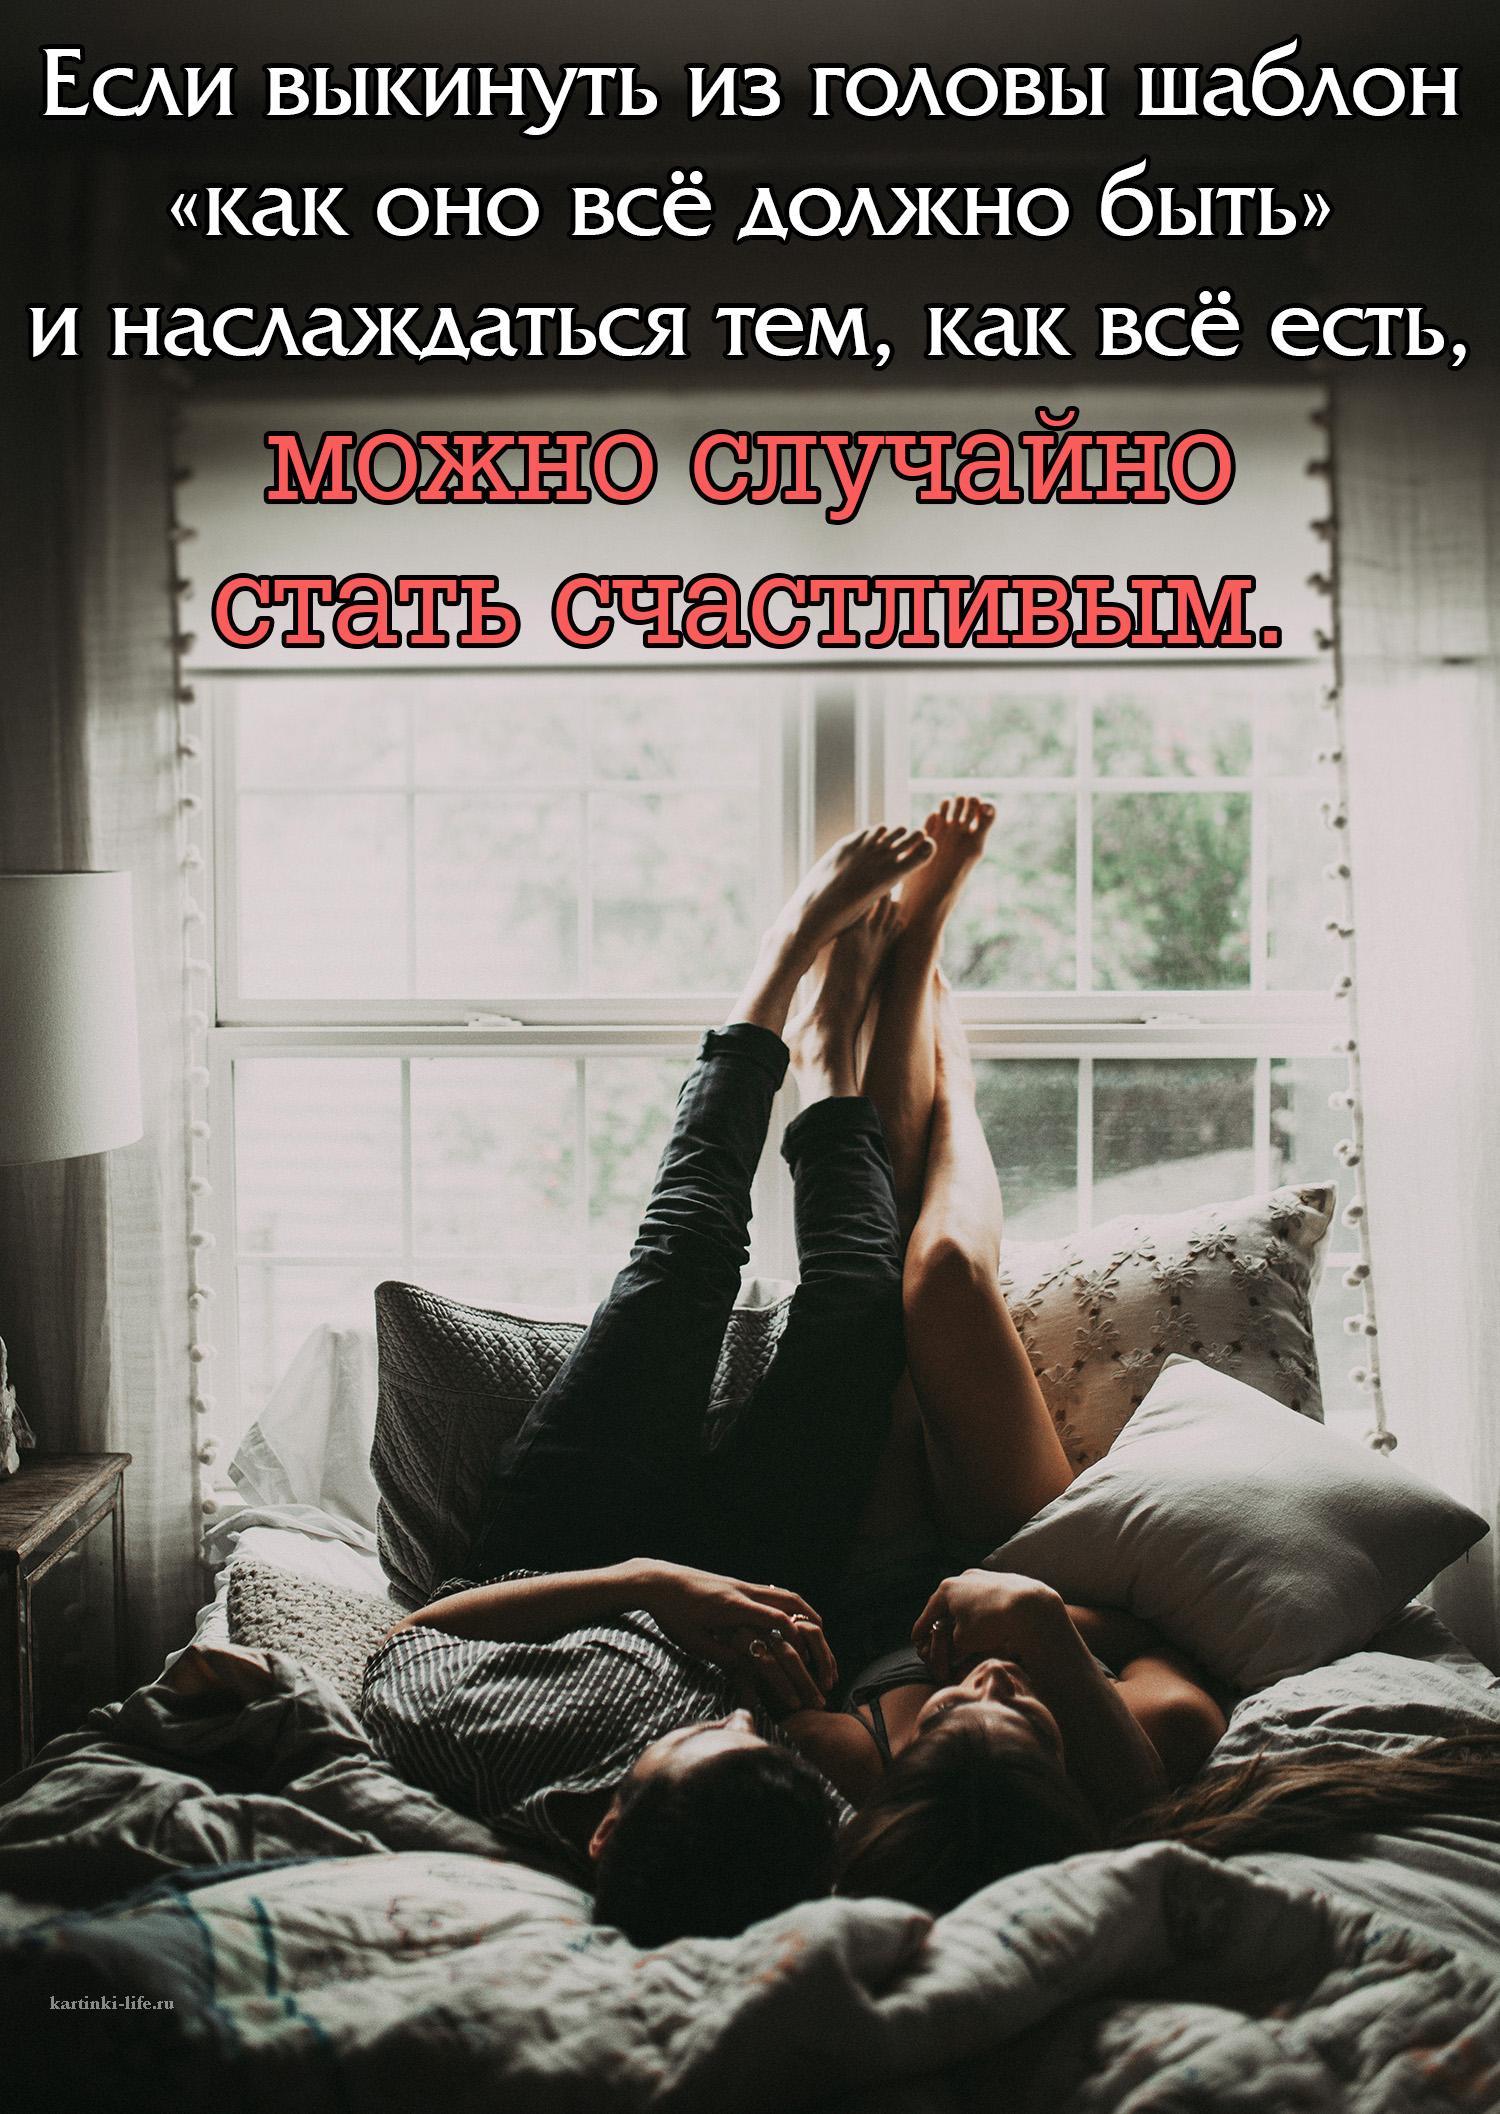 Если выкинуть из головы шаблон «как оно всё должно быть» и наслаждаться тем, как всё есть, можно случайно стать счастливым.